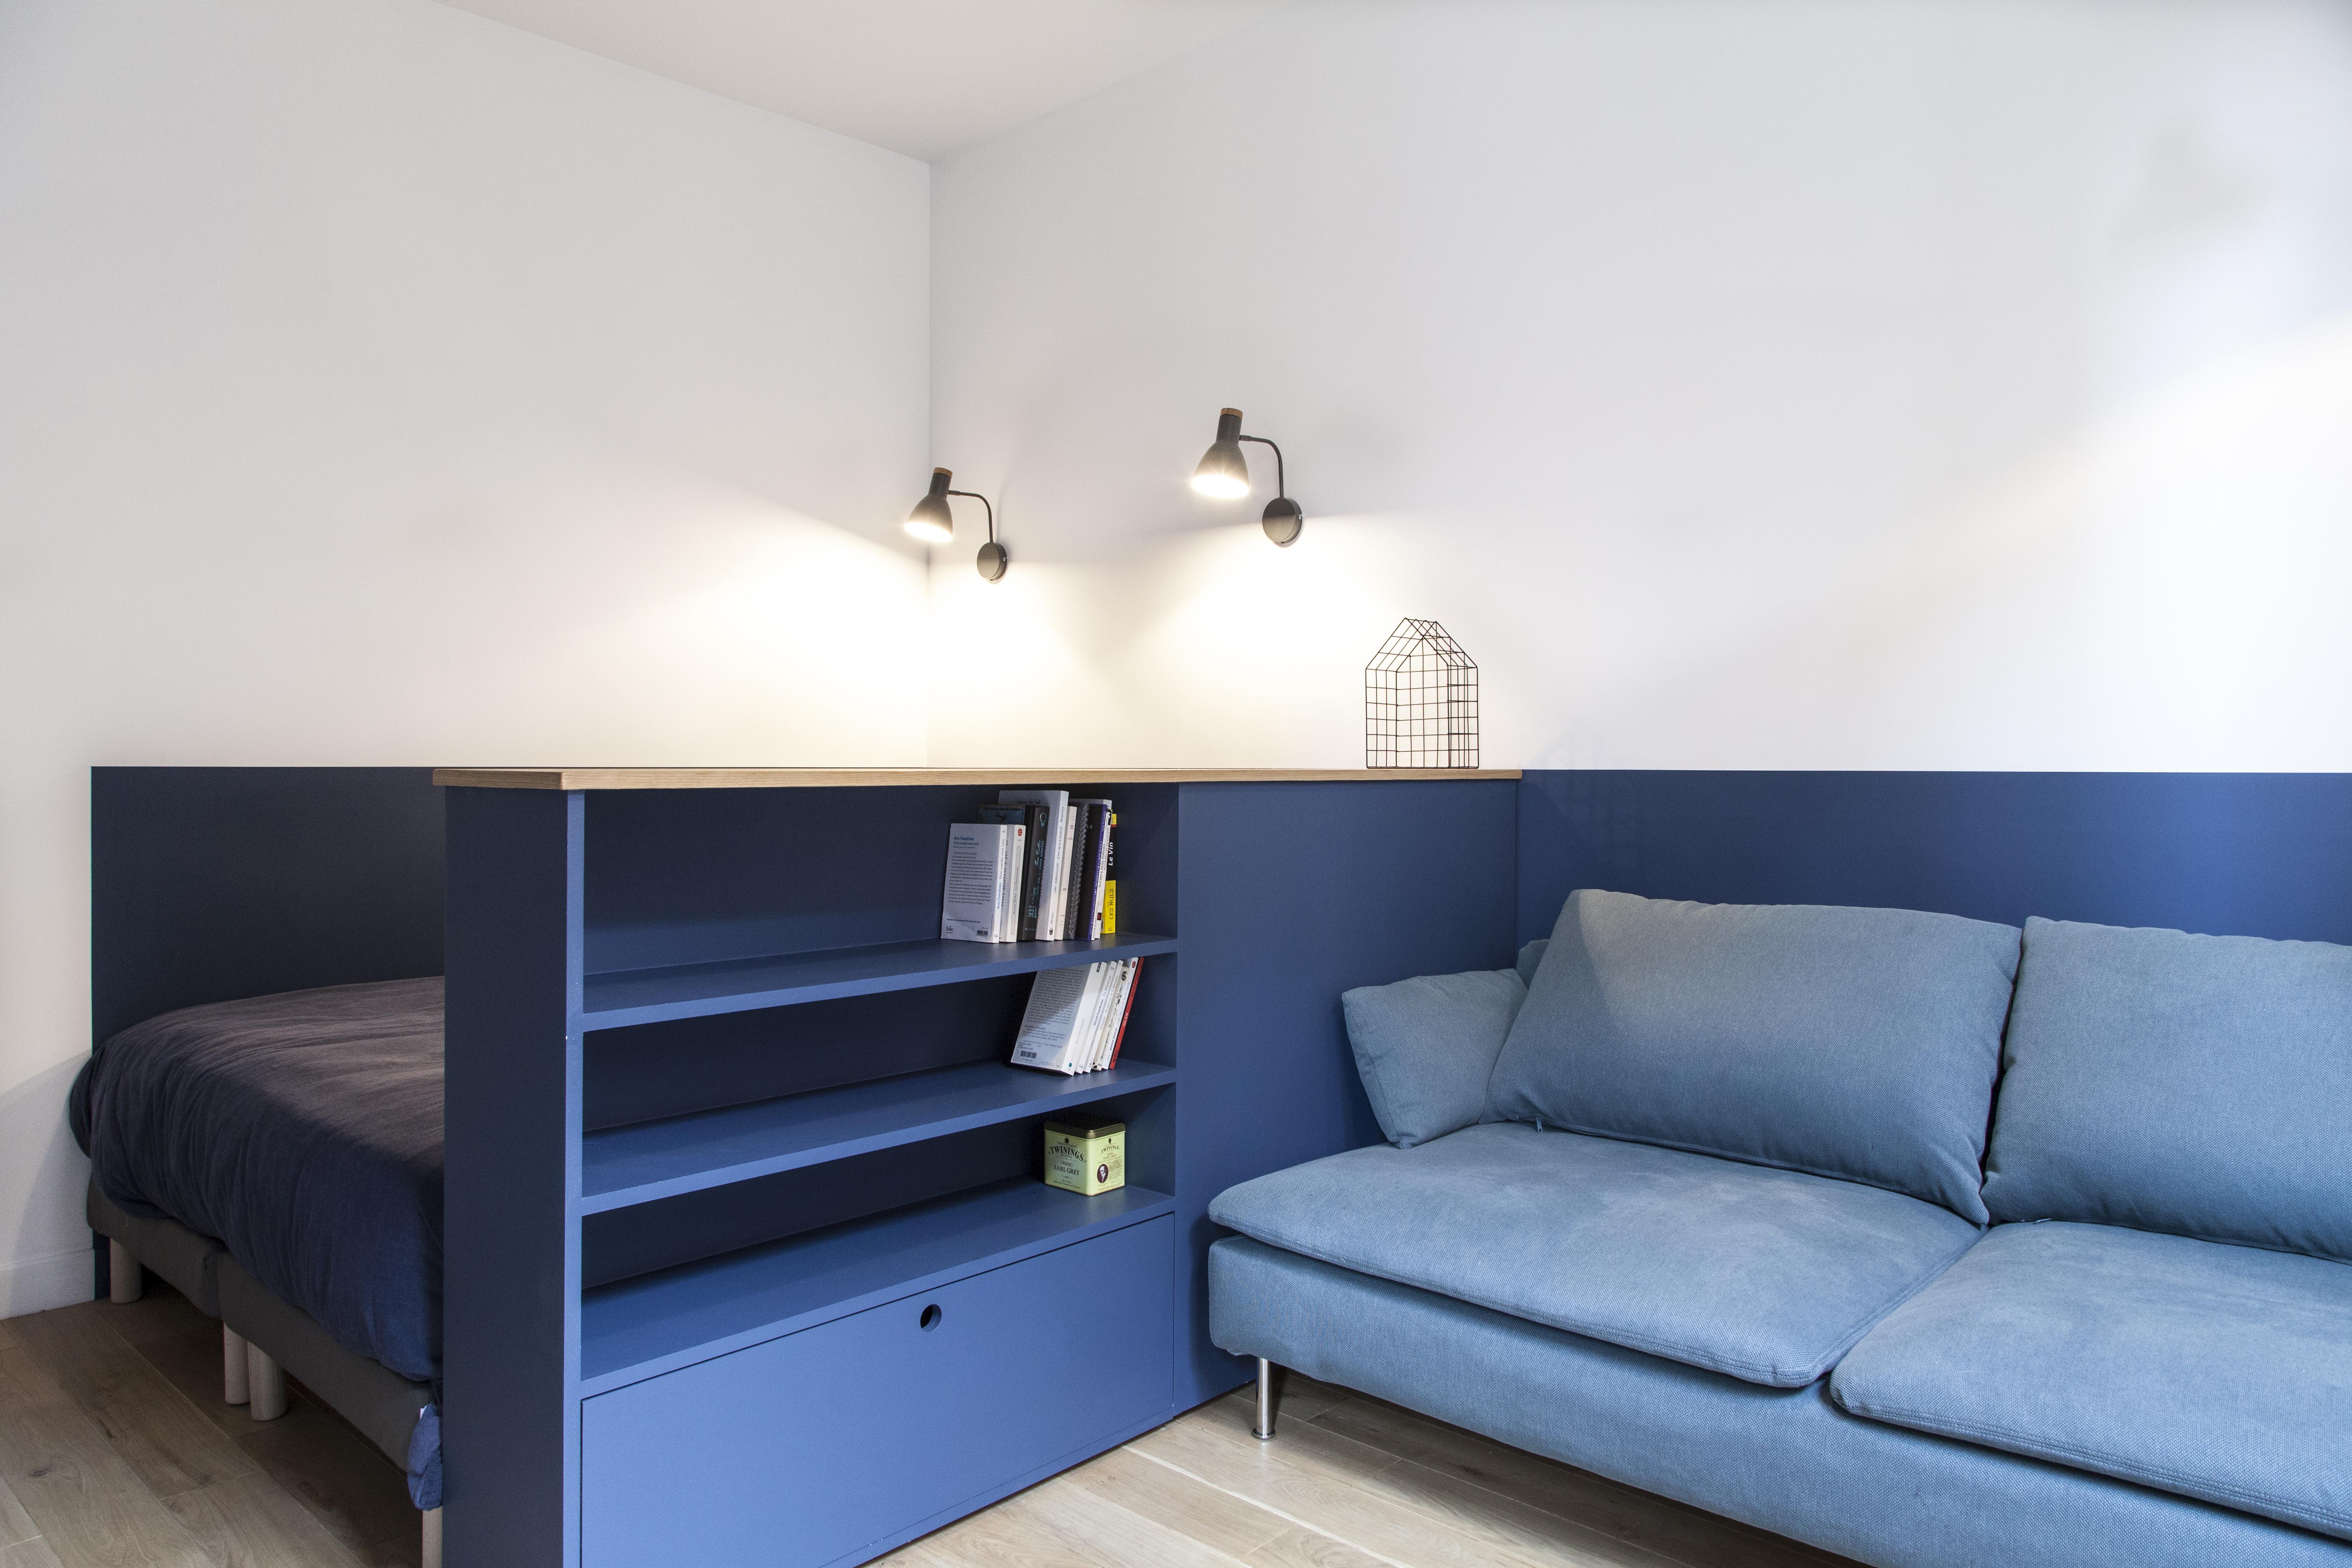 ban-architecture-rénovation-appartement-garconnière-18